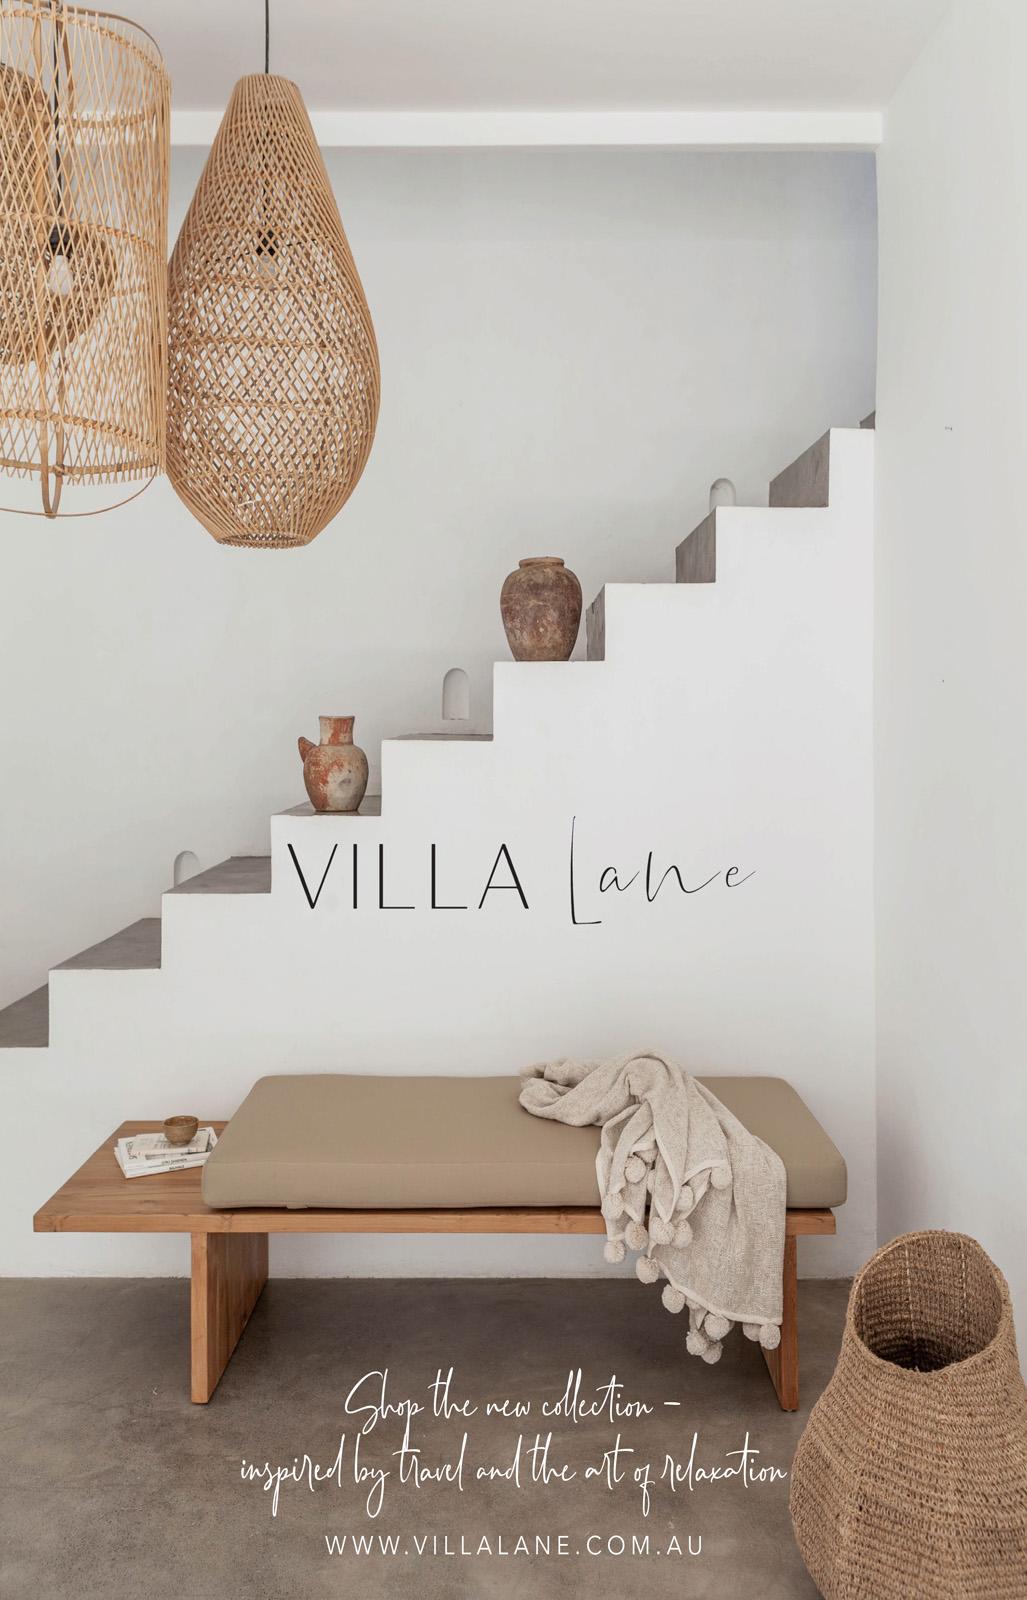 villa lane ad